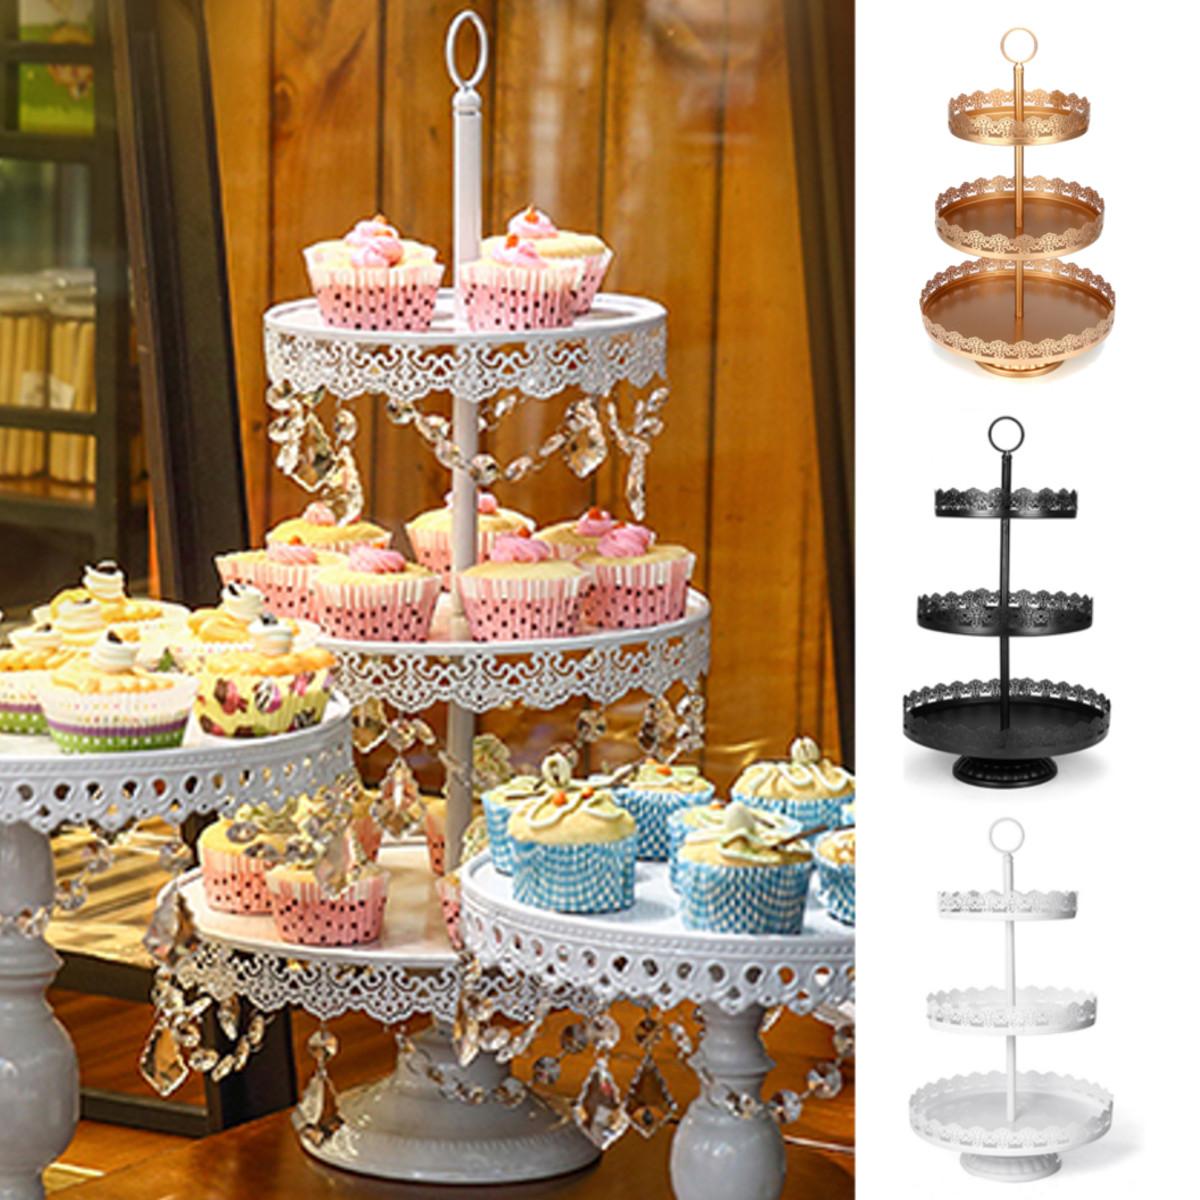 3-яруснаяподставкадлякексаМеталлическийторт Десерт Свадебное Праздничная вечеринка Дисплей Башня Пластина Украшения